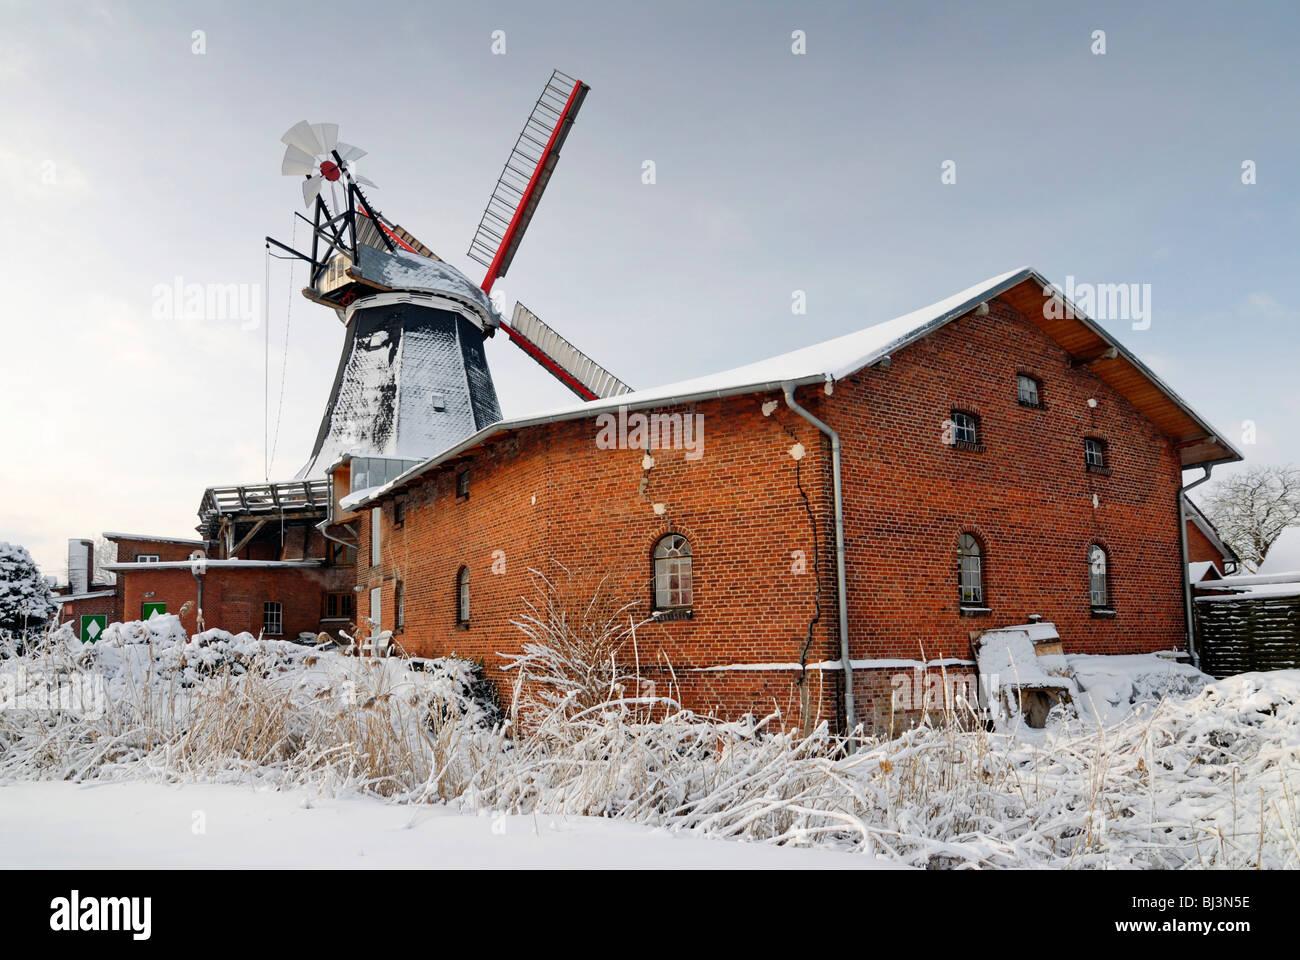 The Riepenburger Muehle mill in Kirchwerder, Vier- und Marschlande district, Hamburg, Germany, Europe - Stock Image